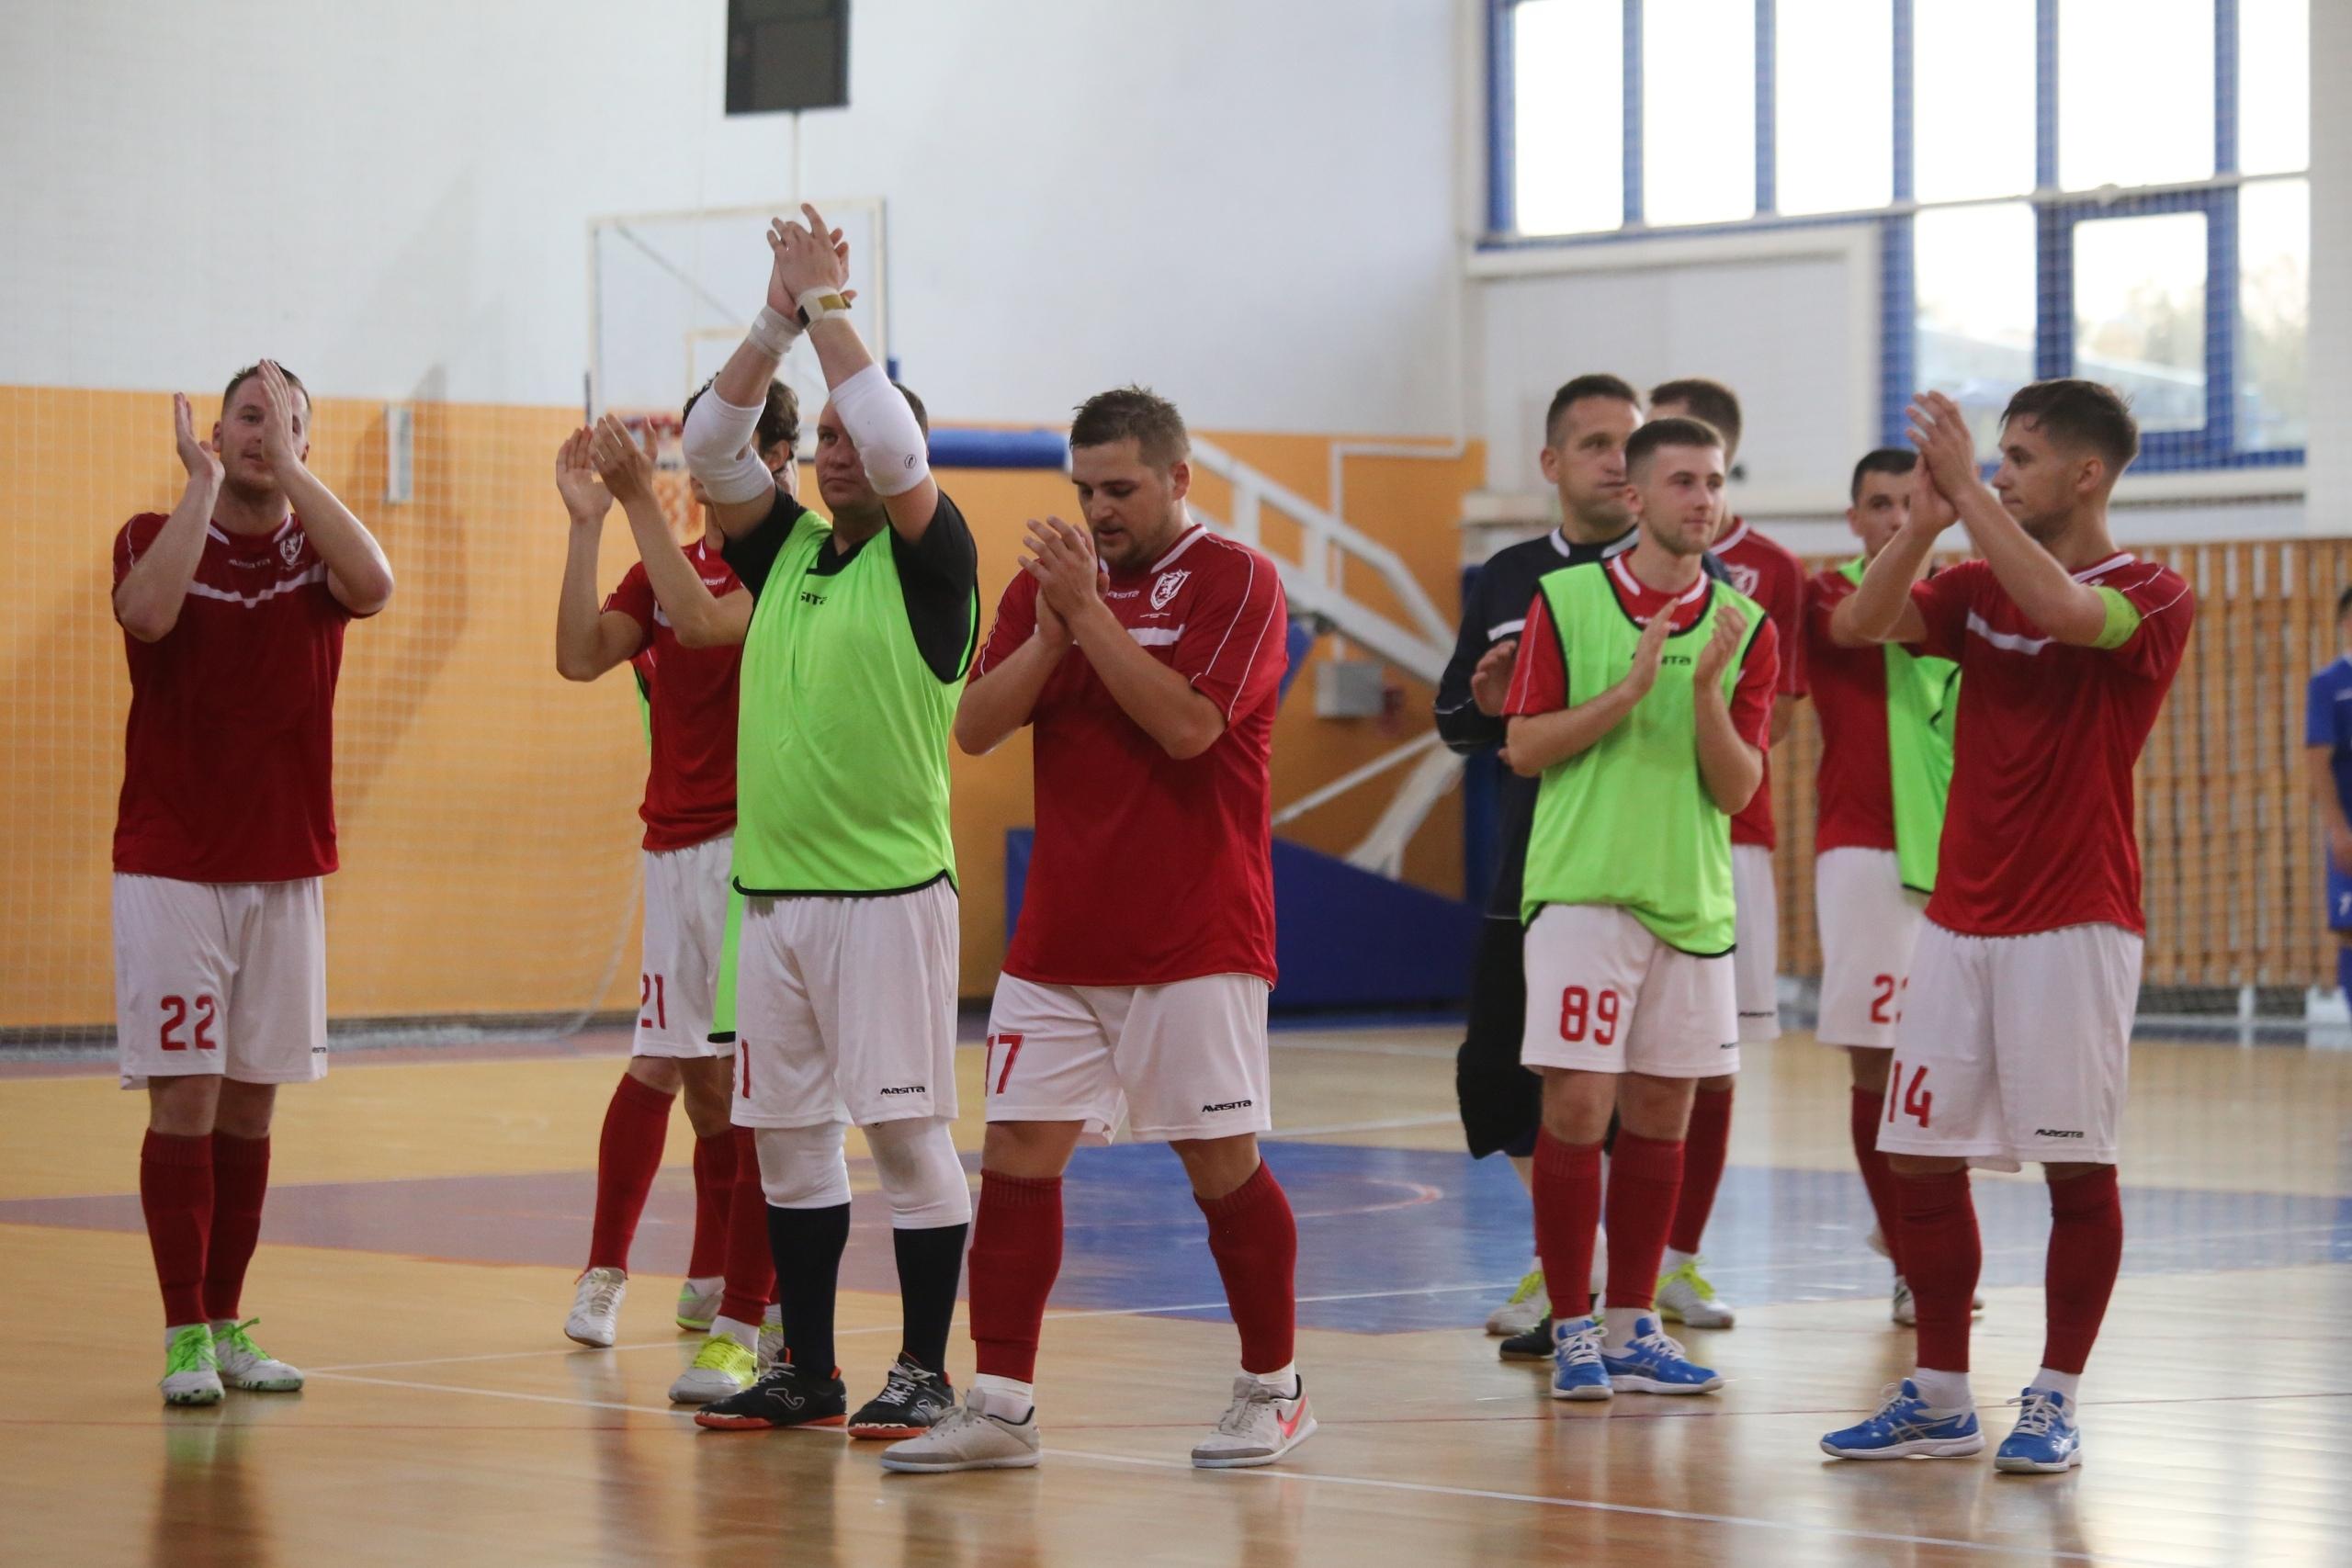 Мини-футбольный клуб «Лида» занимает 8-е место в турнирной таблице.